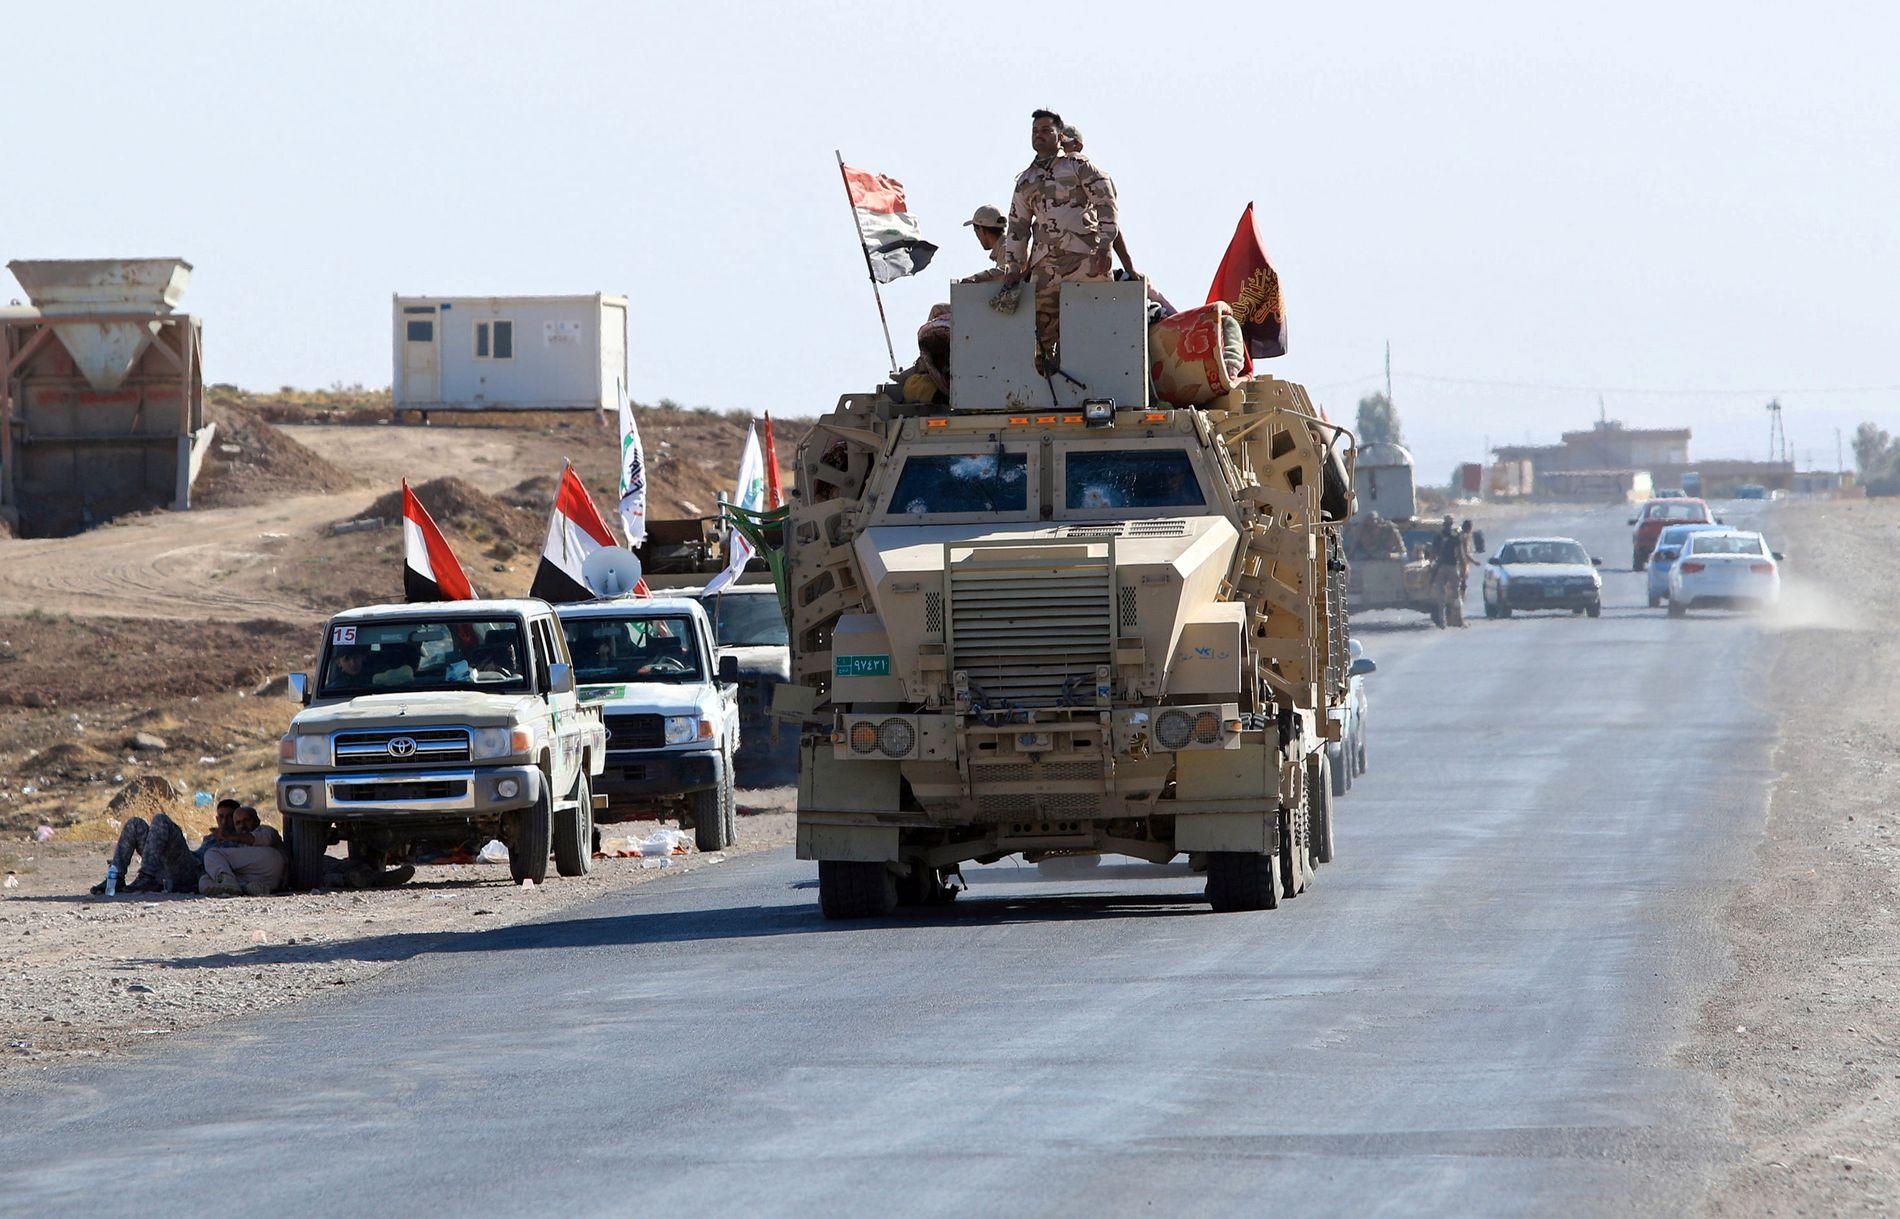 STILLINGSKRIG: I midten av oktober rullet irakiske militærkjøretøy inn i flere omstridte områder i Irak, som her i Zumar i Nineveh-provinsen.